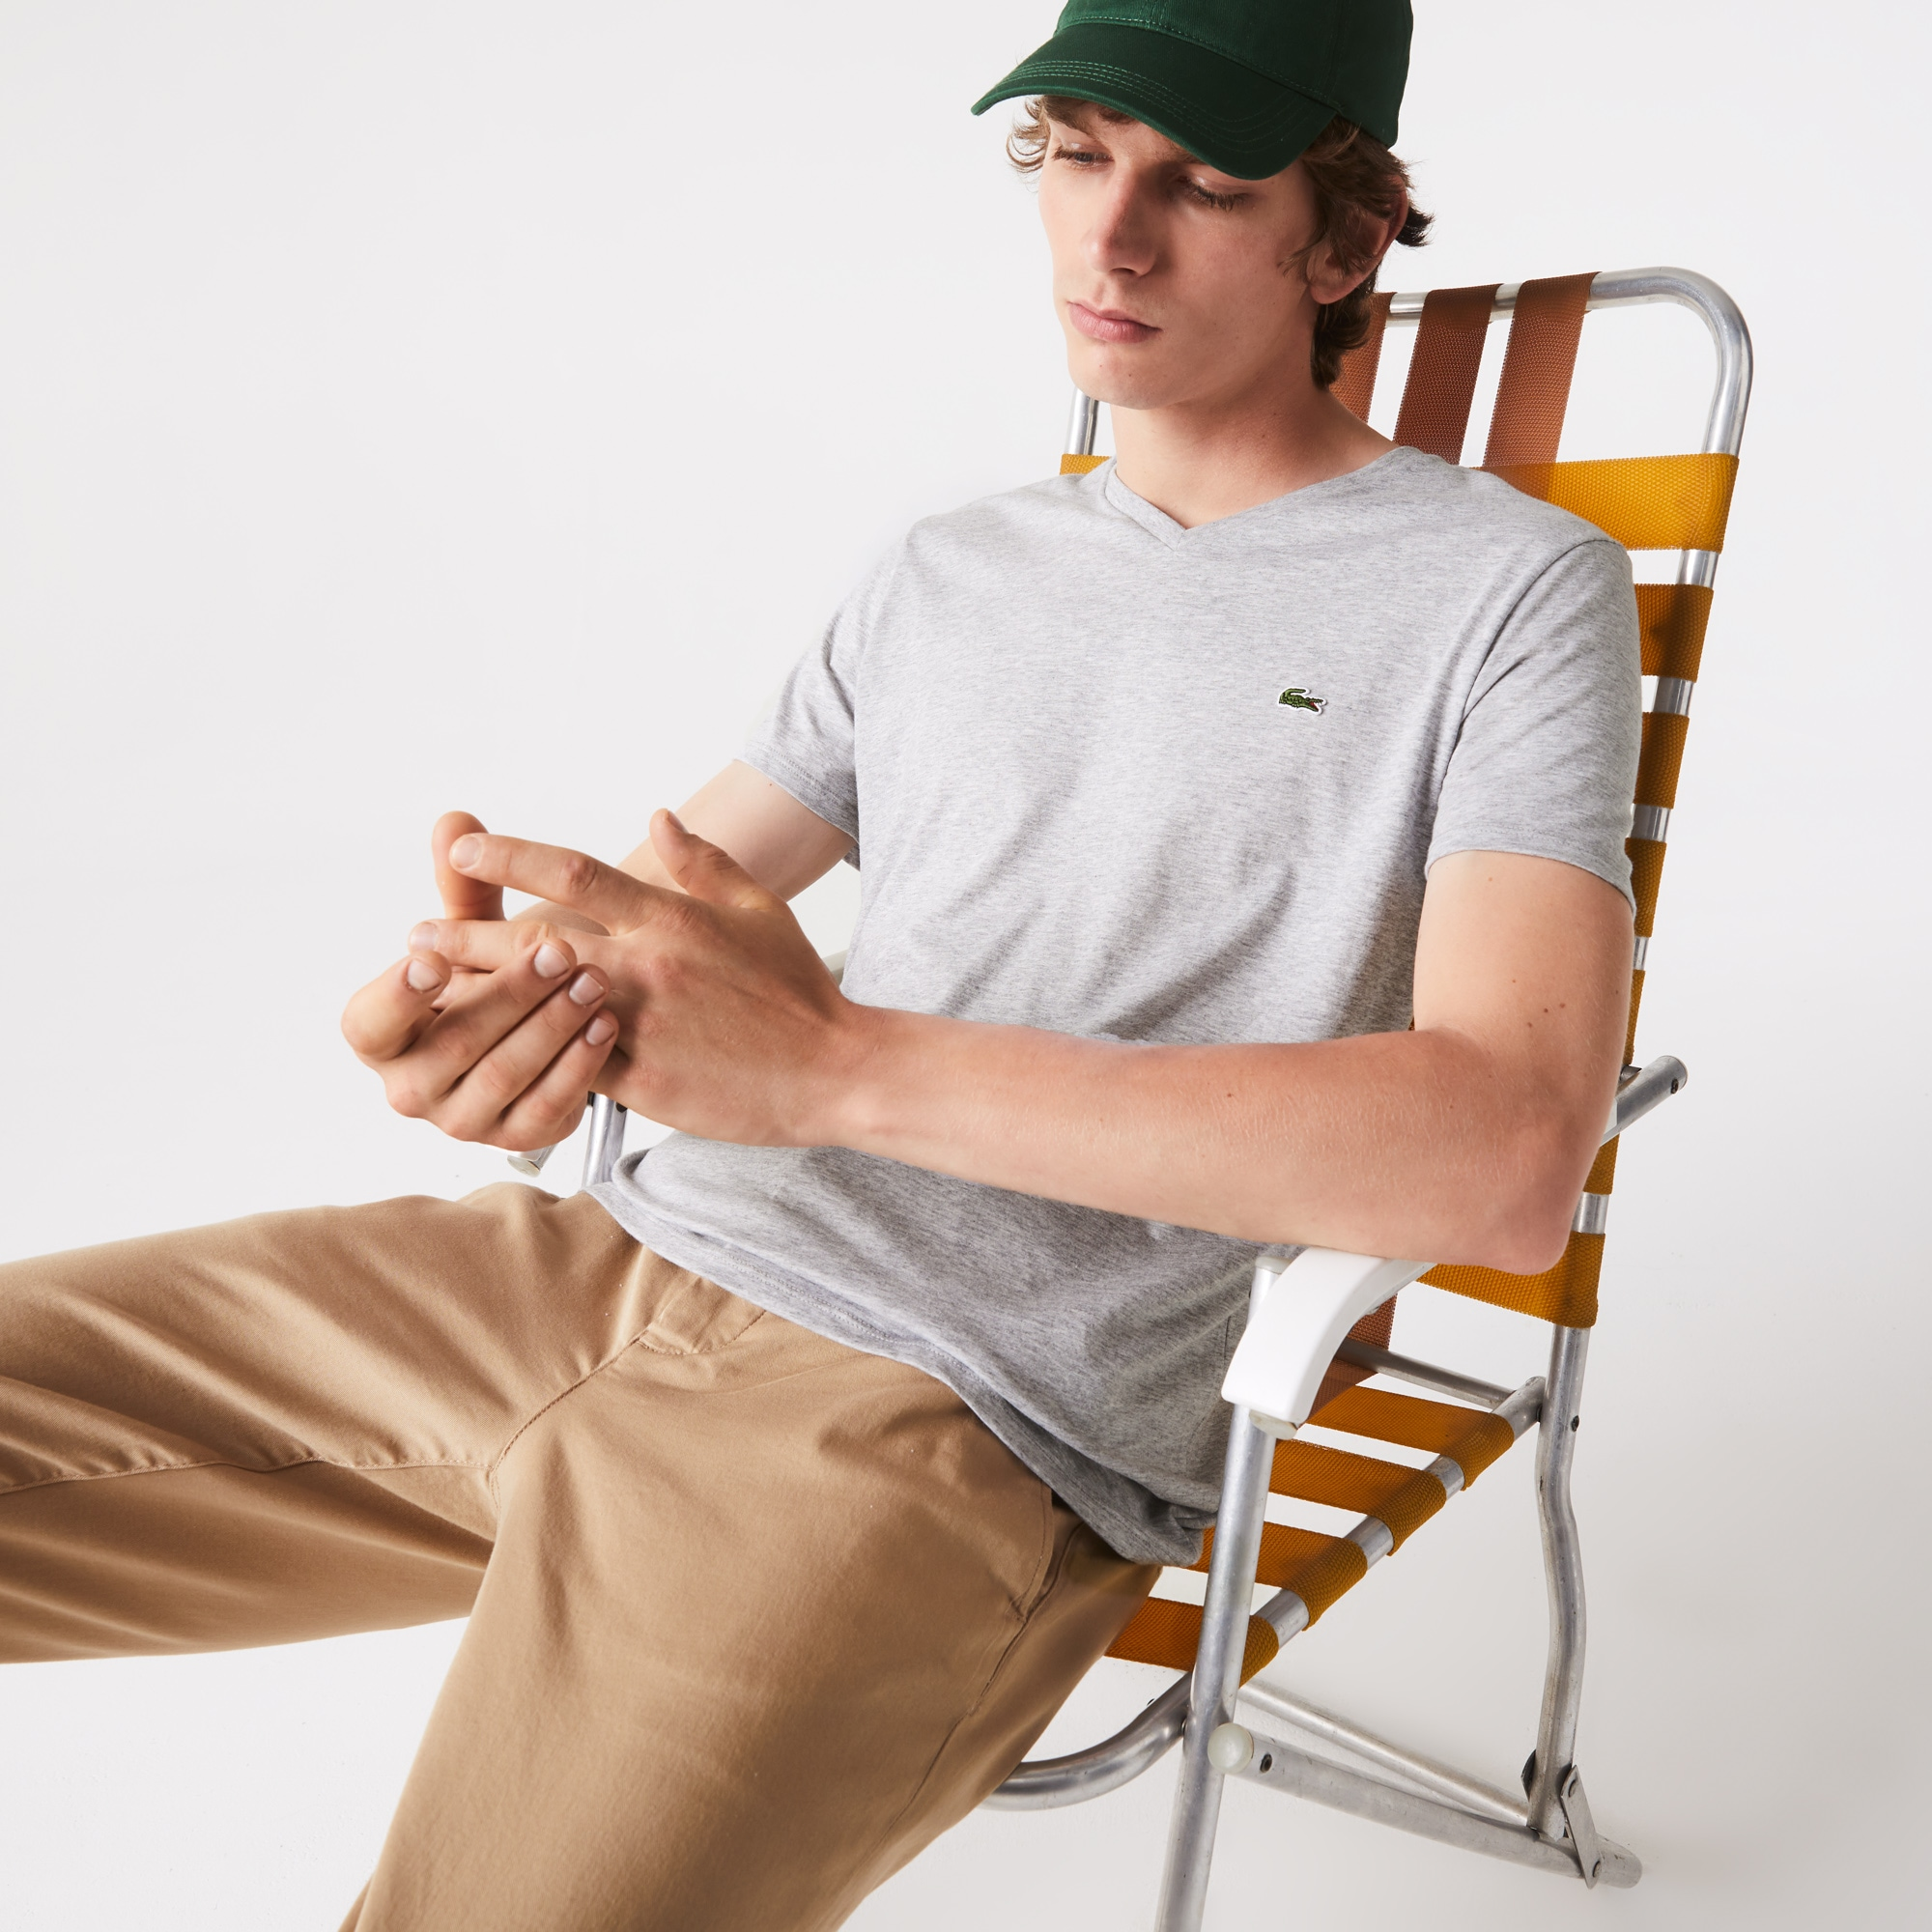 Men's T Shirts   Lacoste T Shirts   LACOSTE